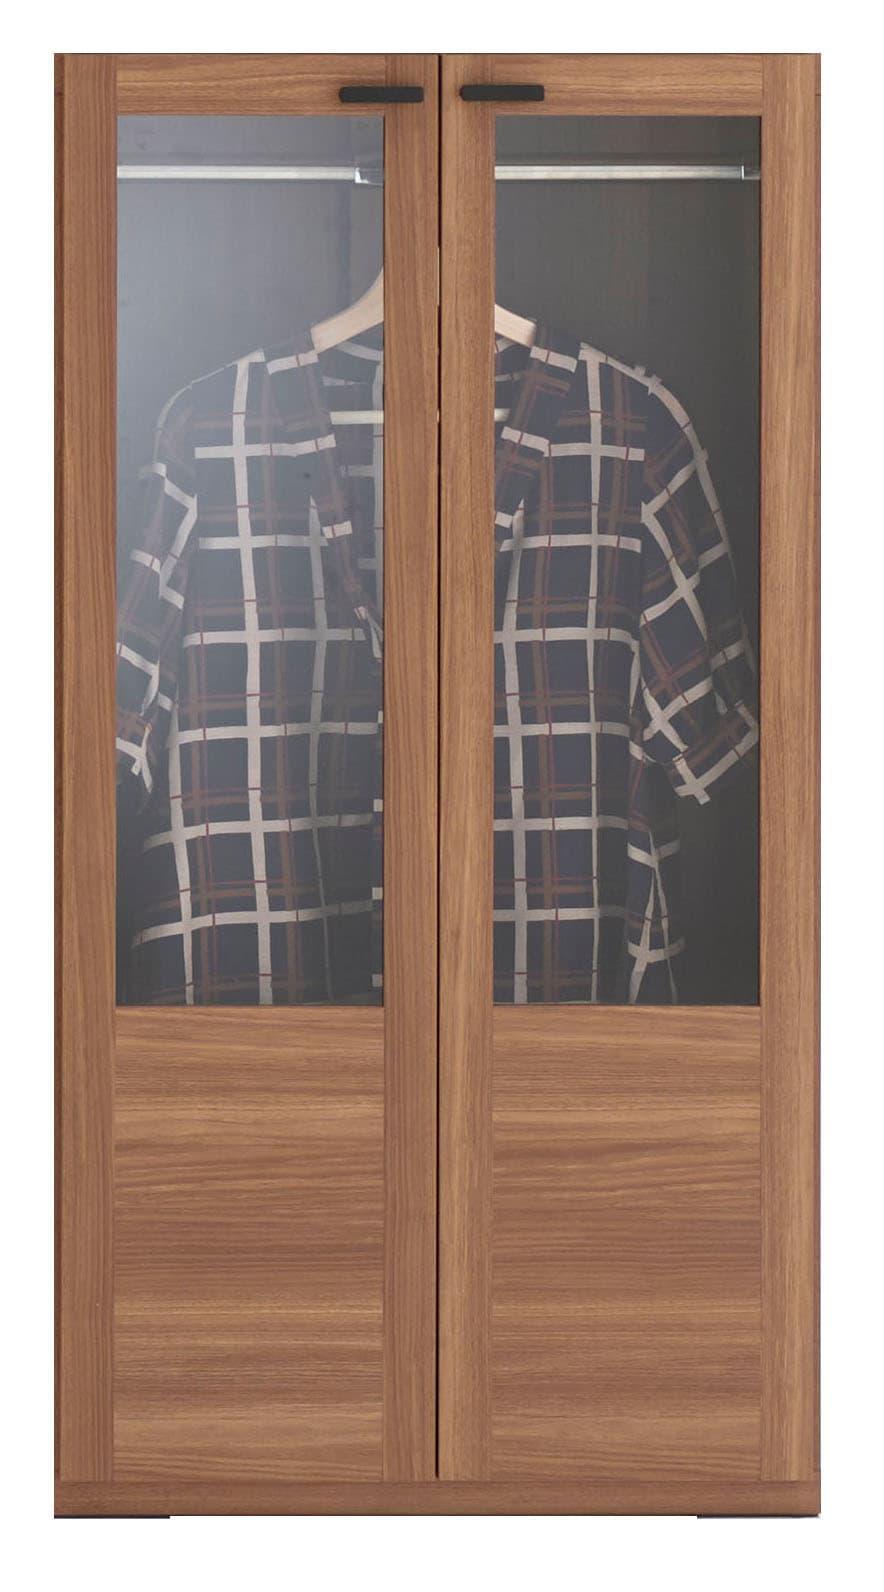 壁面収納 GCD−60洋服ガラス戸タイプ(WN)ウォールナット:壁面収納 GCD−60洋服ガラス戸タイプ(WN)ウォールナット